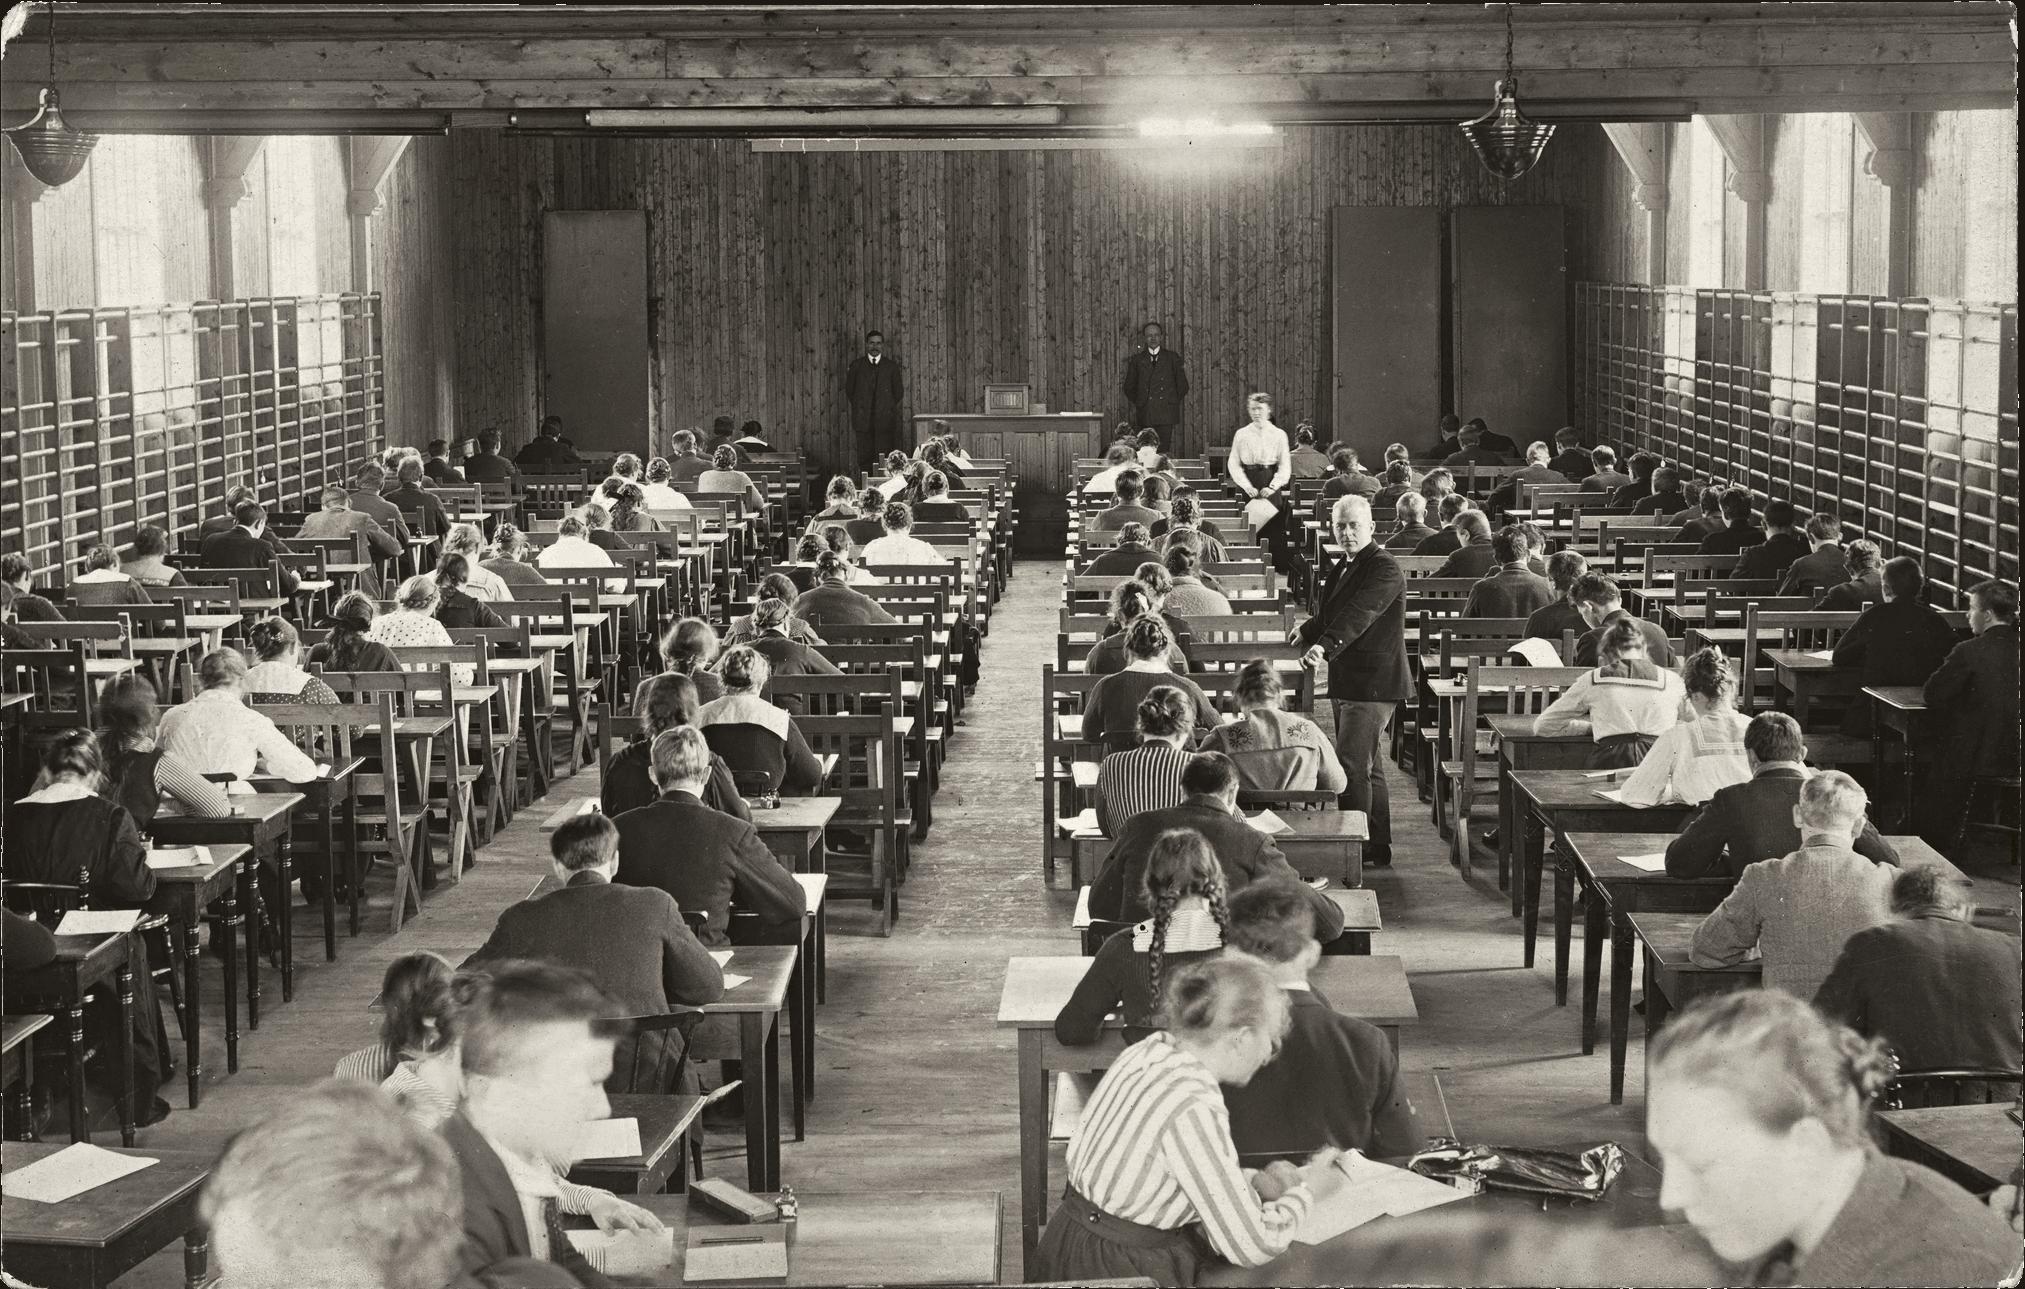 Une classe des années 1920 durant un examen